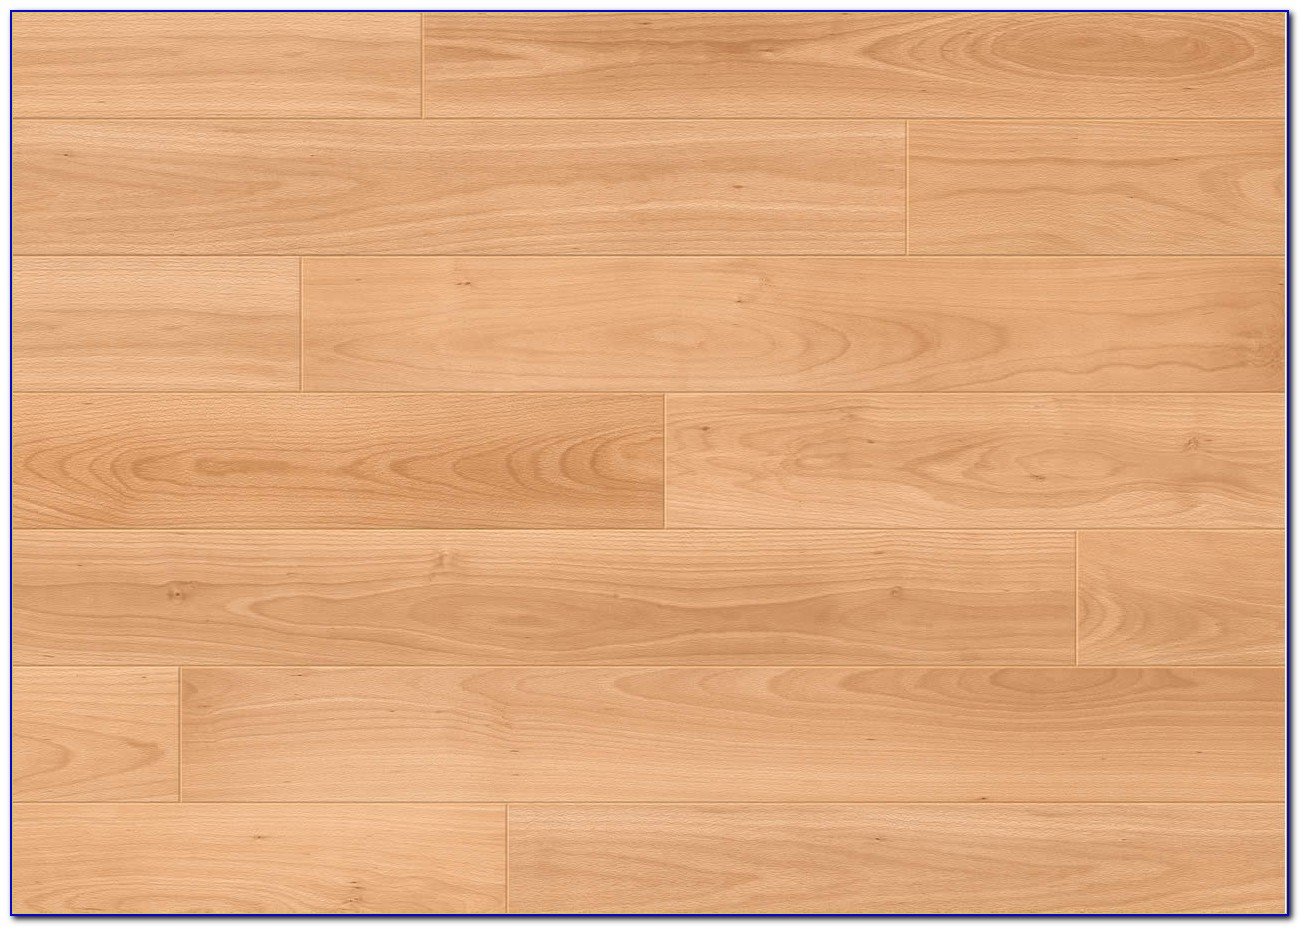 Best Mop For Laminate Floors Australia